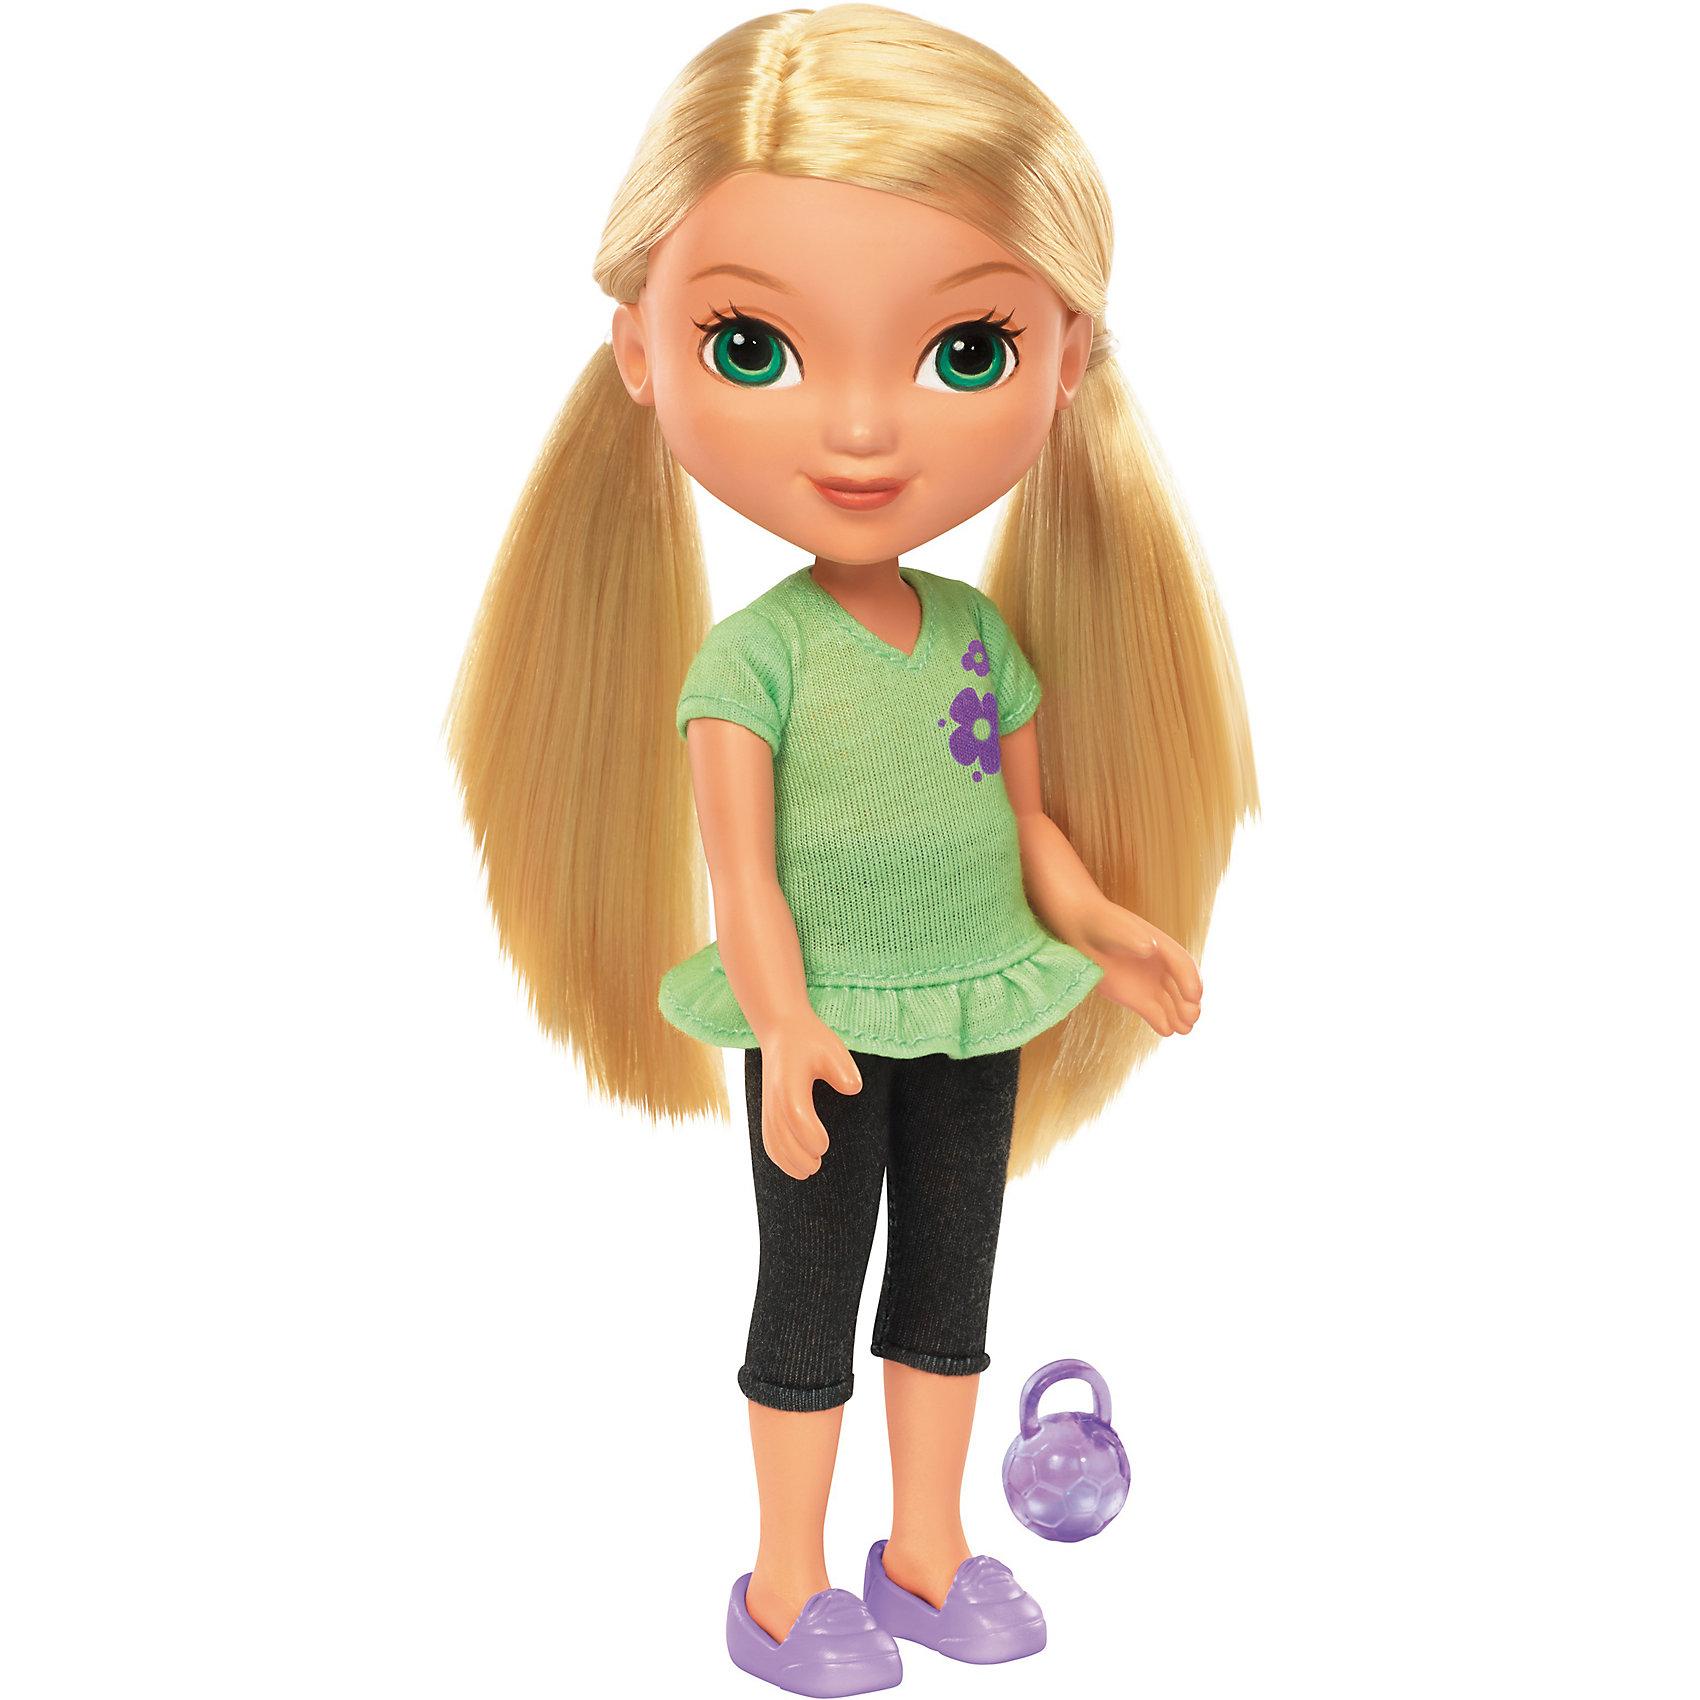 Кукла Алана, Fisher Price, Даша и друзьяДаша-путешественница<br>Кукла Алана, Fisher Price, Даша и друзья.<br><br>Характеристики:<br><br>• В наборе: кукла, шармик для браслета<br>• Высота куклы: 20 см.<br>• Материал: пластик, текстиль<br><br>Кукла Алана из серии Даша и друзья от Fisher-Price - игрушка, о которой мечтают все девочки, следящие за приключениями героев популярного детского мультфильма. Алана использует все свои способности, чтобы игры с ней могли быть наполнены приключениями. Кукла одета в зеленый топ и черные лосины. На ногах у Аланы - фиолетовые туфли. Лицо куклы тщательно прорисовано. У Аланы большие выразительные зеленые глаза. Волосы прошиты густо, они длинные и мягкие, их можно расчесывать и заплетать. Руки и ноги куклы подвижны, шарниров в суставах нет. <br><br>Кукла изготовлена из качественных безопасных для здоровья материалов. В дополнение к кукле в набор входит шармик для браслета, который может быть использован с интерактивной куклой этой серии — Fisher-Price Talking Dora &amp; Smartphone! Просто наложите шармик в магический смартфон, чтобы услышать мелодии и фразы!<br><br>Куклу Алана, Fisher Price, Даша и друзья можно купить в нашем интернет-магазине.<br><br>Ширина мм: 115<br>Глубина мм: 70<br>Высота мм: 230<br>Вес г: 218<br>Возраст от месяцев: 36<br>Возраст до месяцев: 120<br>Пол: Женский<br>Возраст: Детский<br>SKU: 5440327